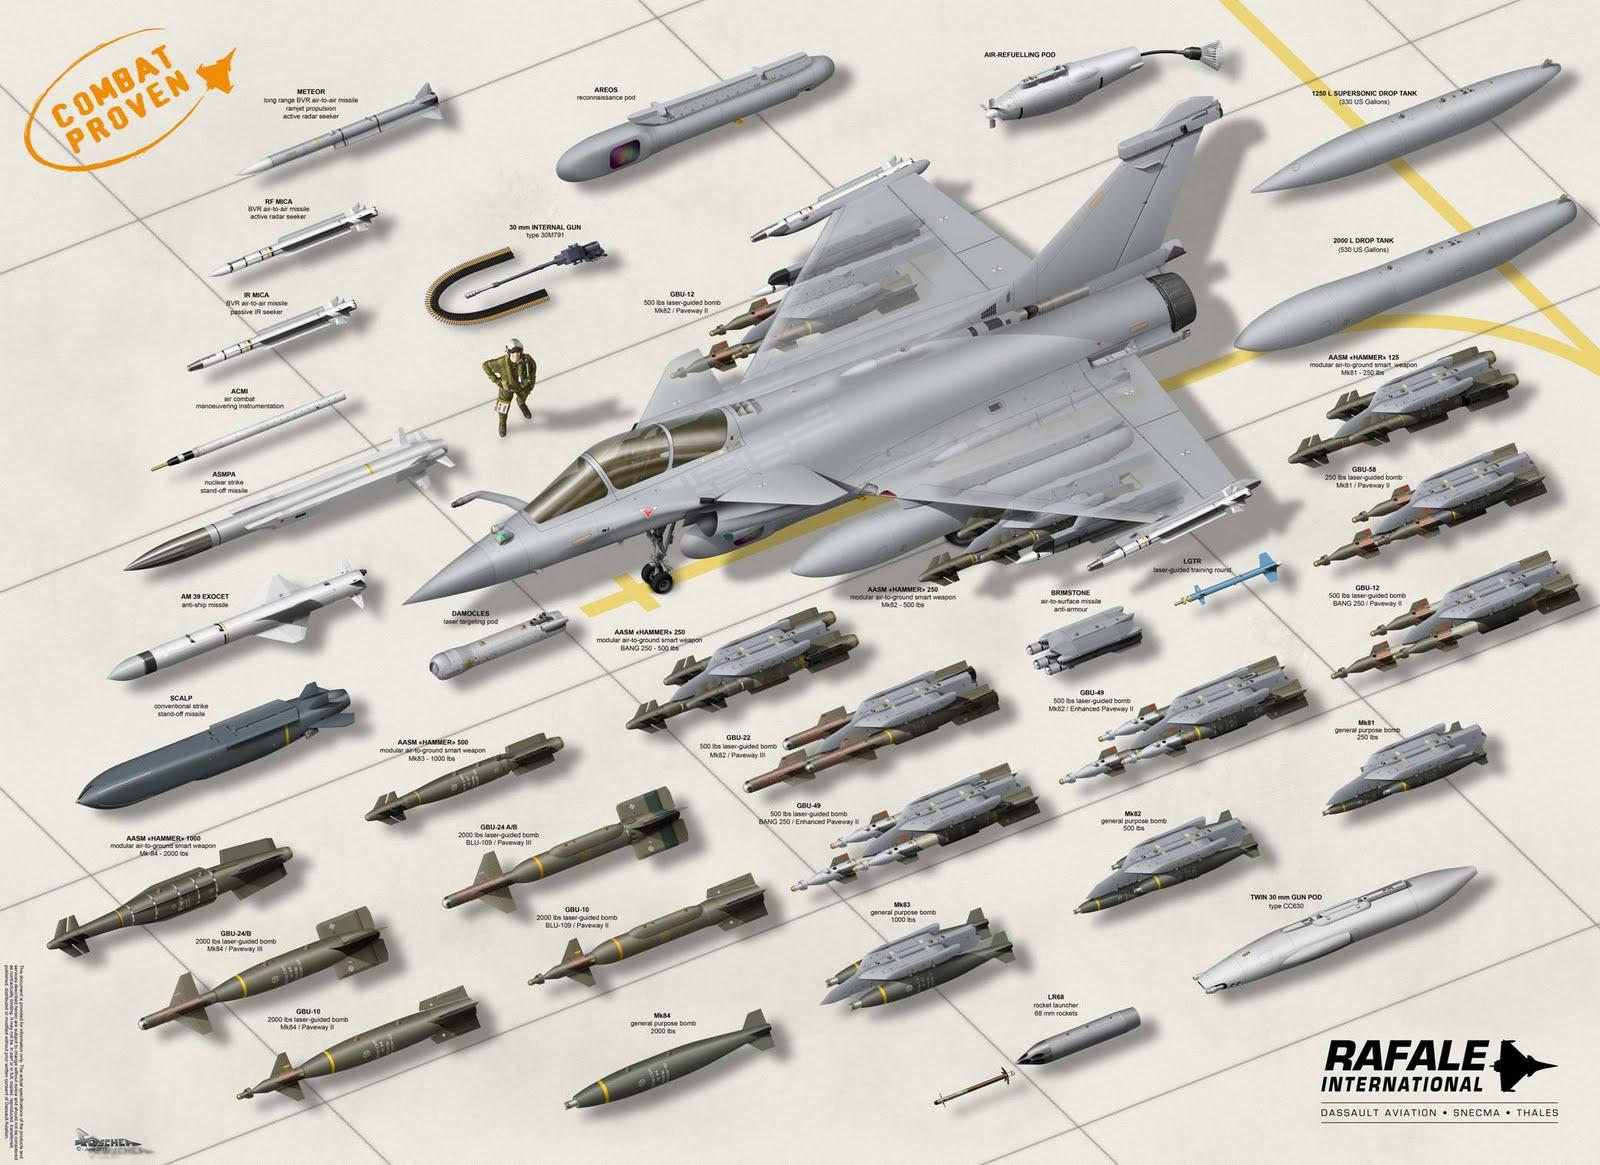 مصر قد تحصل على 2 FREMM وحوالي 23 إلى 26 مقاتلة رافال  - صفحة 2 Rafaleposter